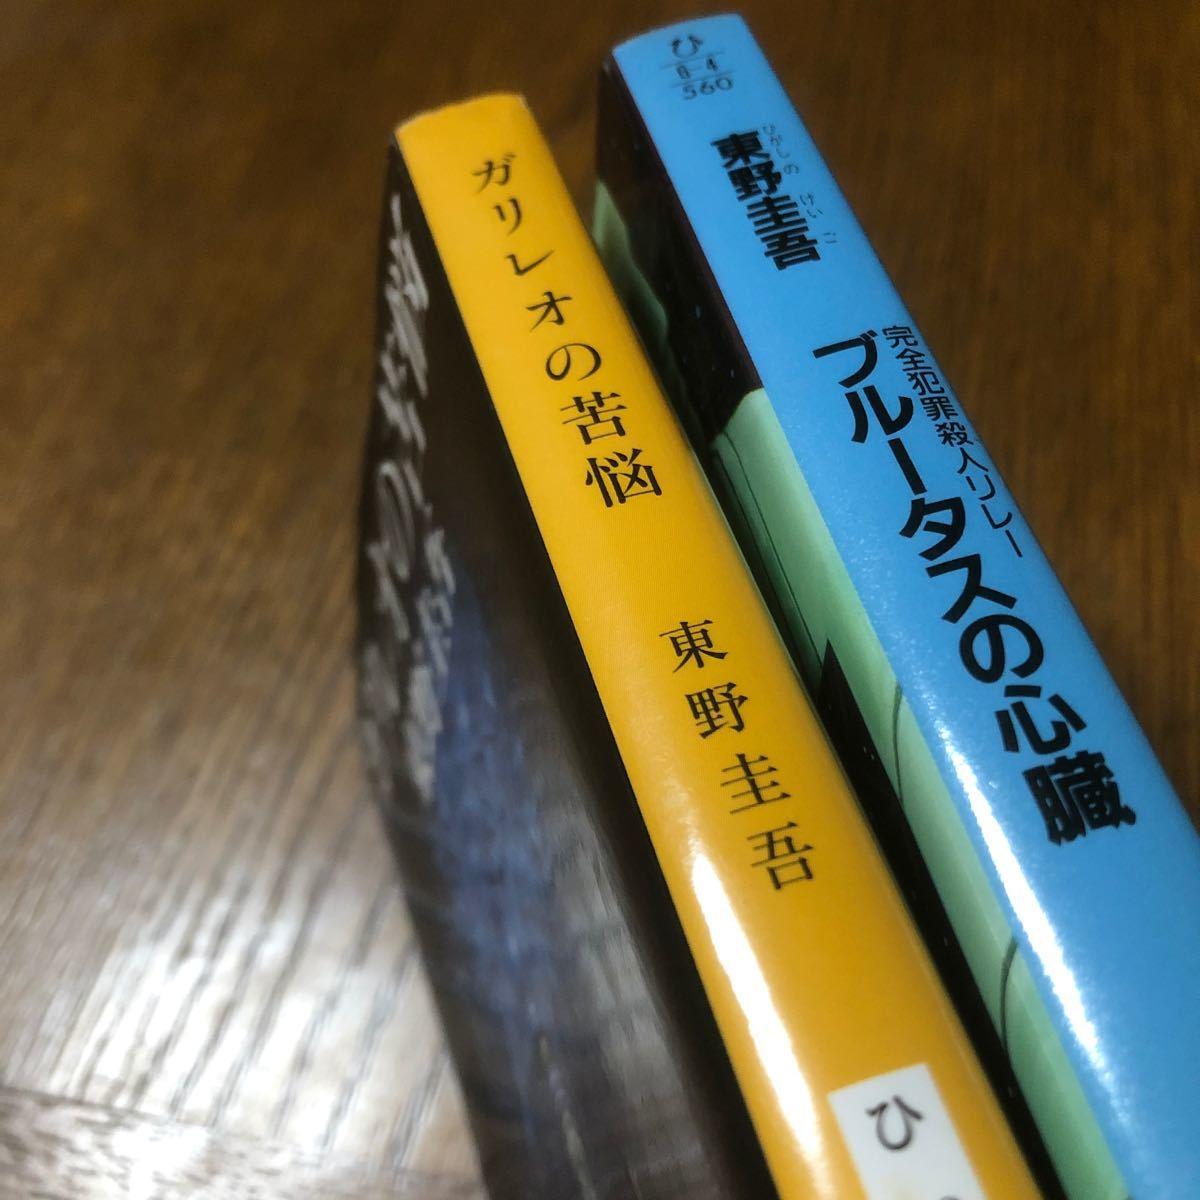 東野圭吾 ガリレオの苦悩 ブルータスの心臓  文庫本